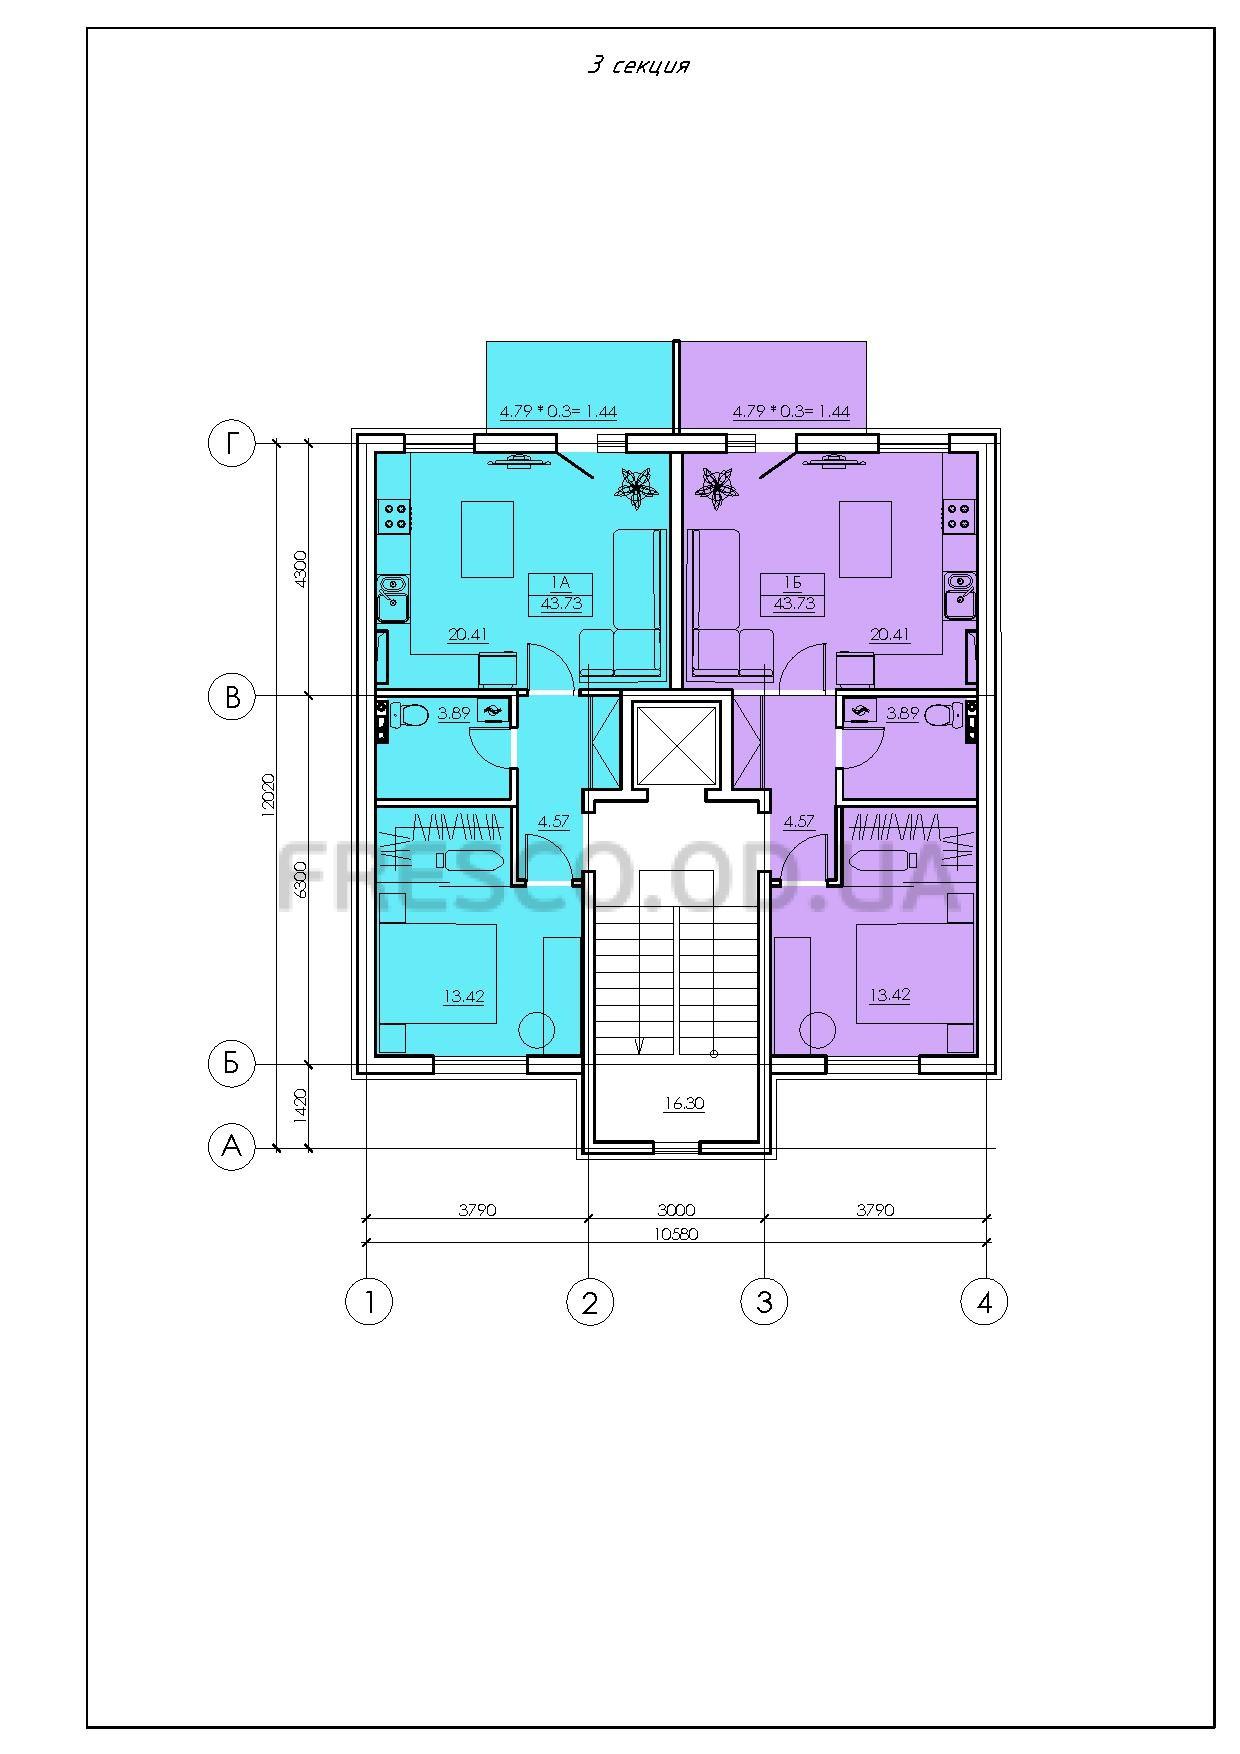 ЖК VENTUM (Вентум) 3 секция план типового этажа